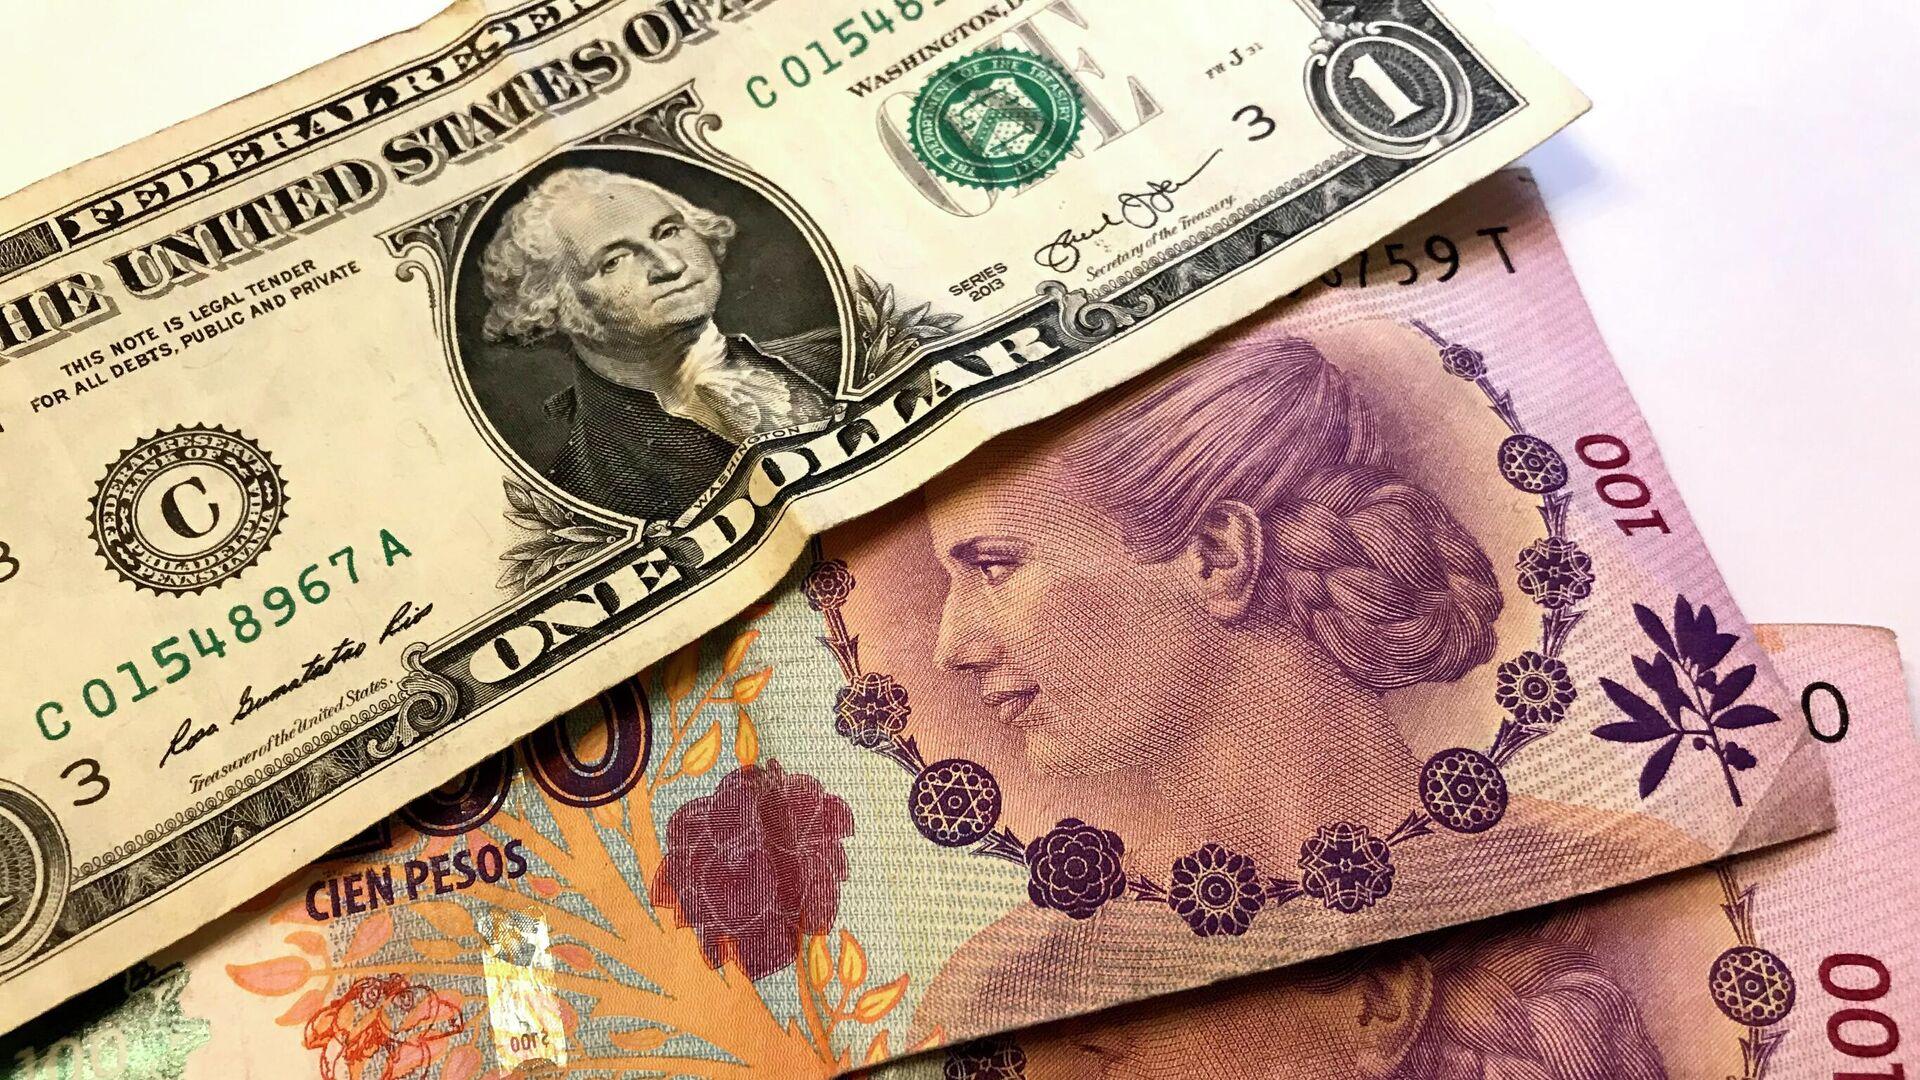 Pesos argentinos y un billete de dólar - Sputnik Mundo, 1920, 21.07.2021